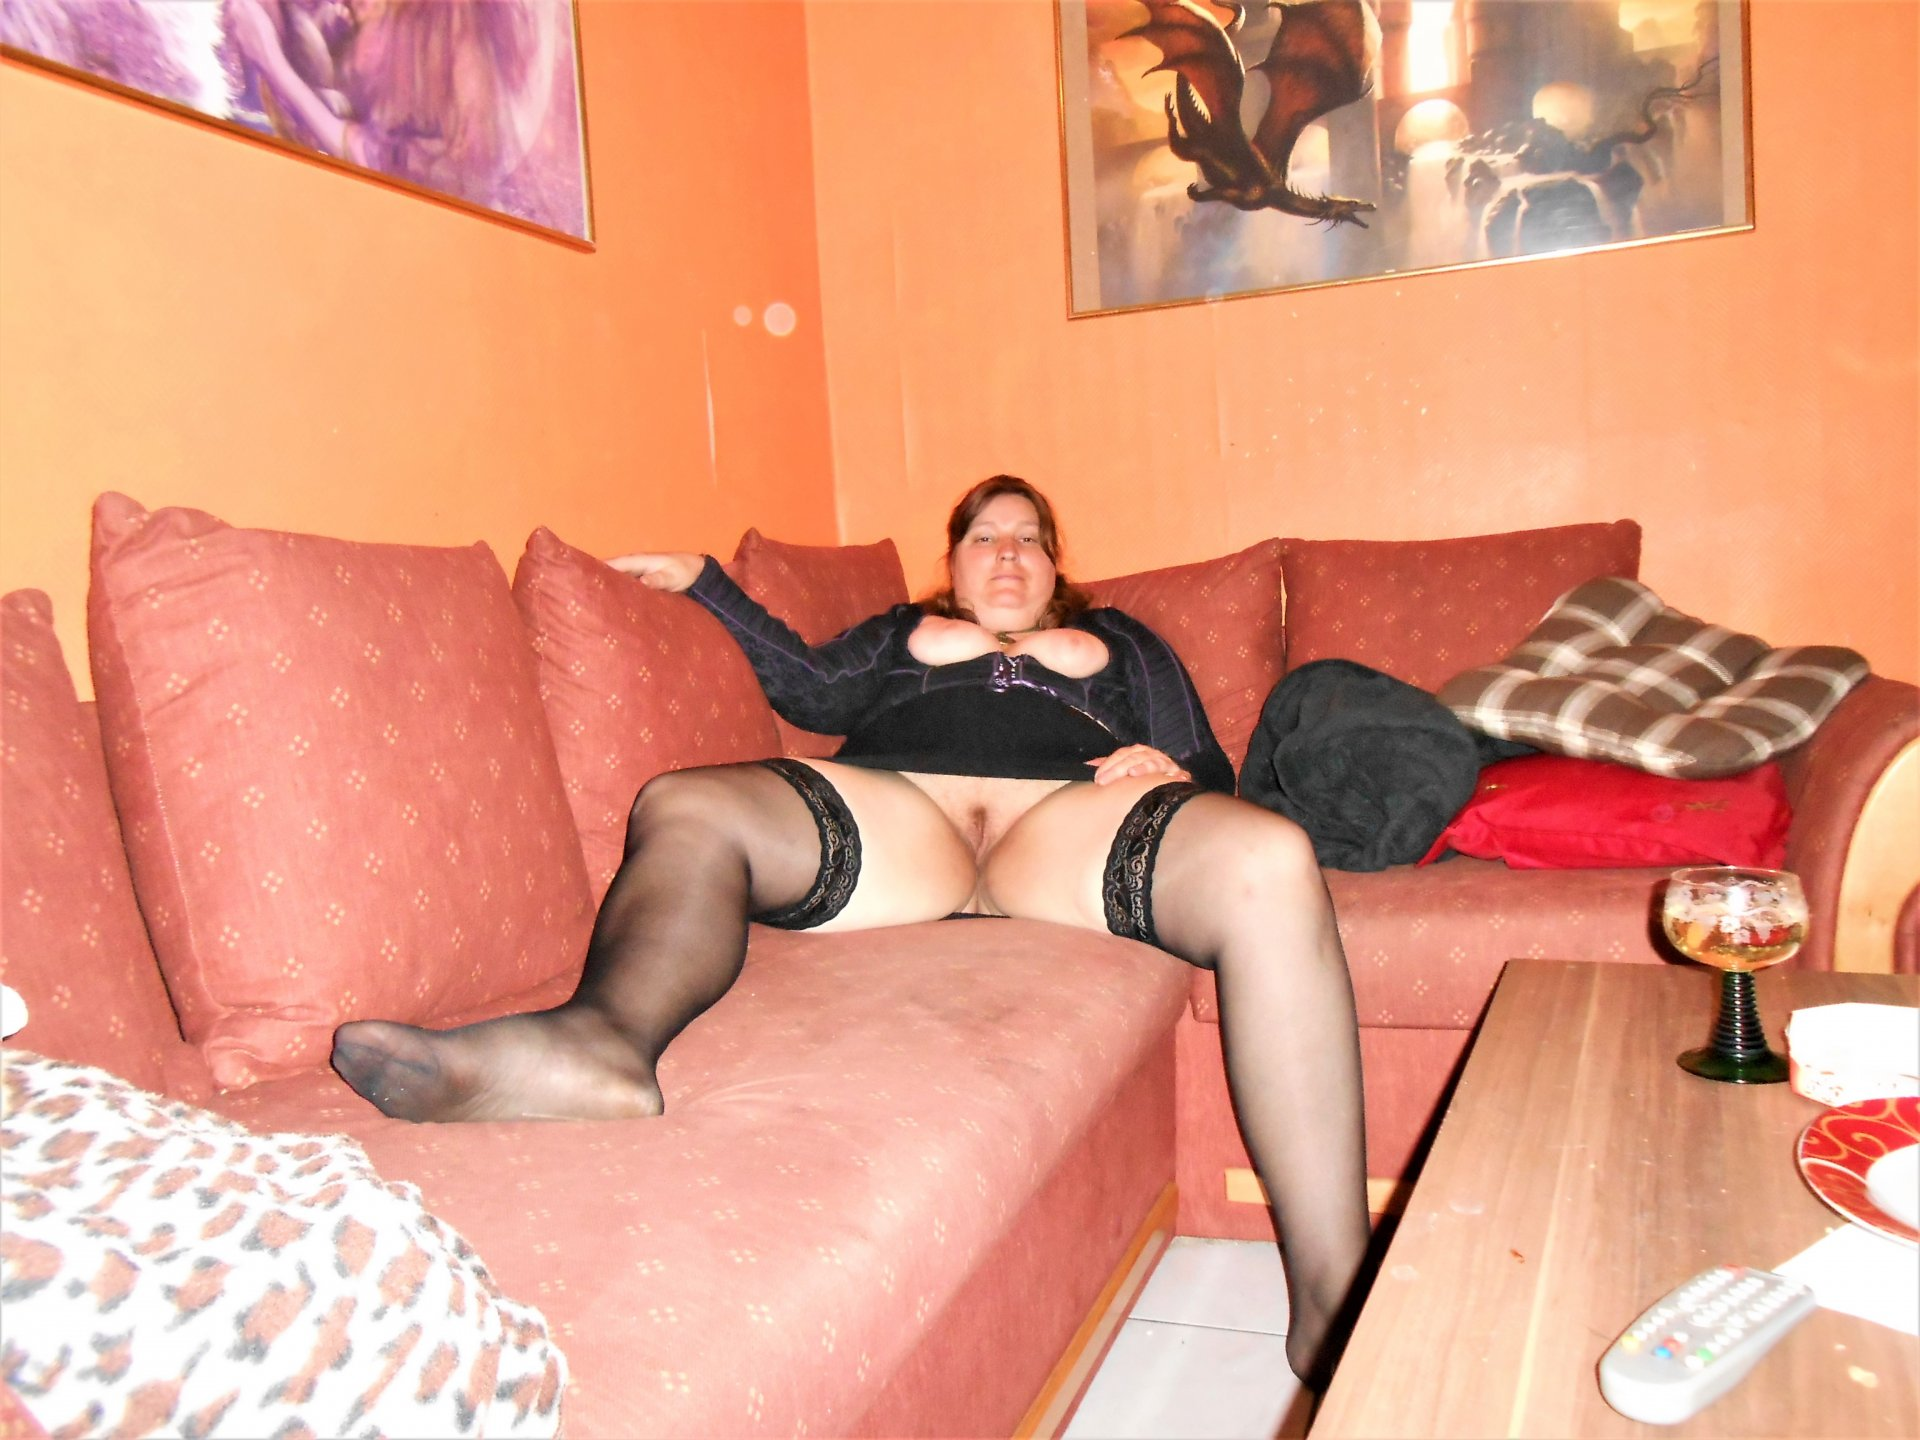 Spermaanja aus Nordrhein-Westfalen,Deutschland